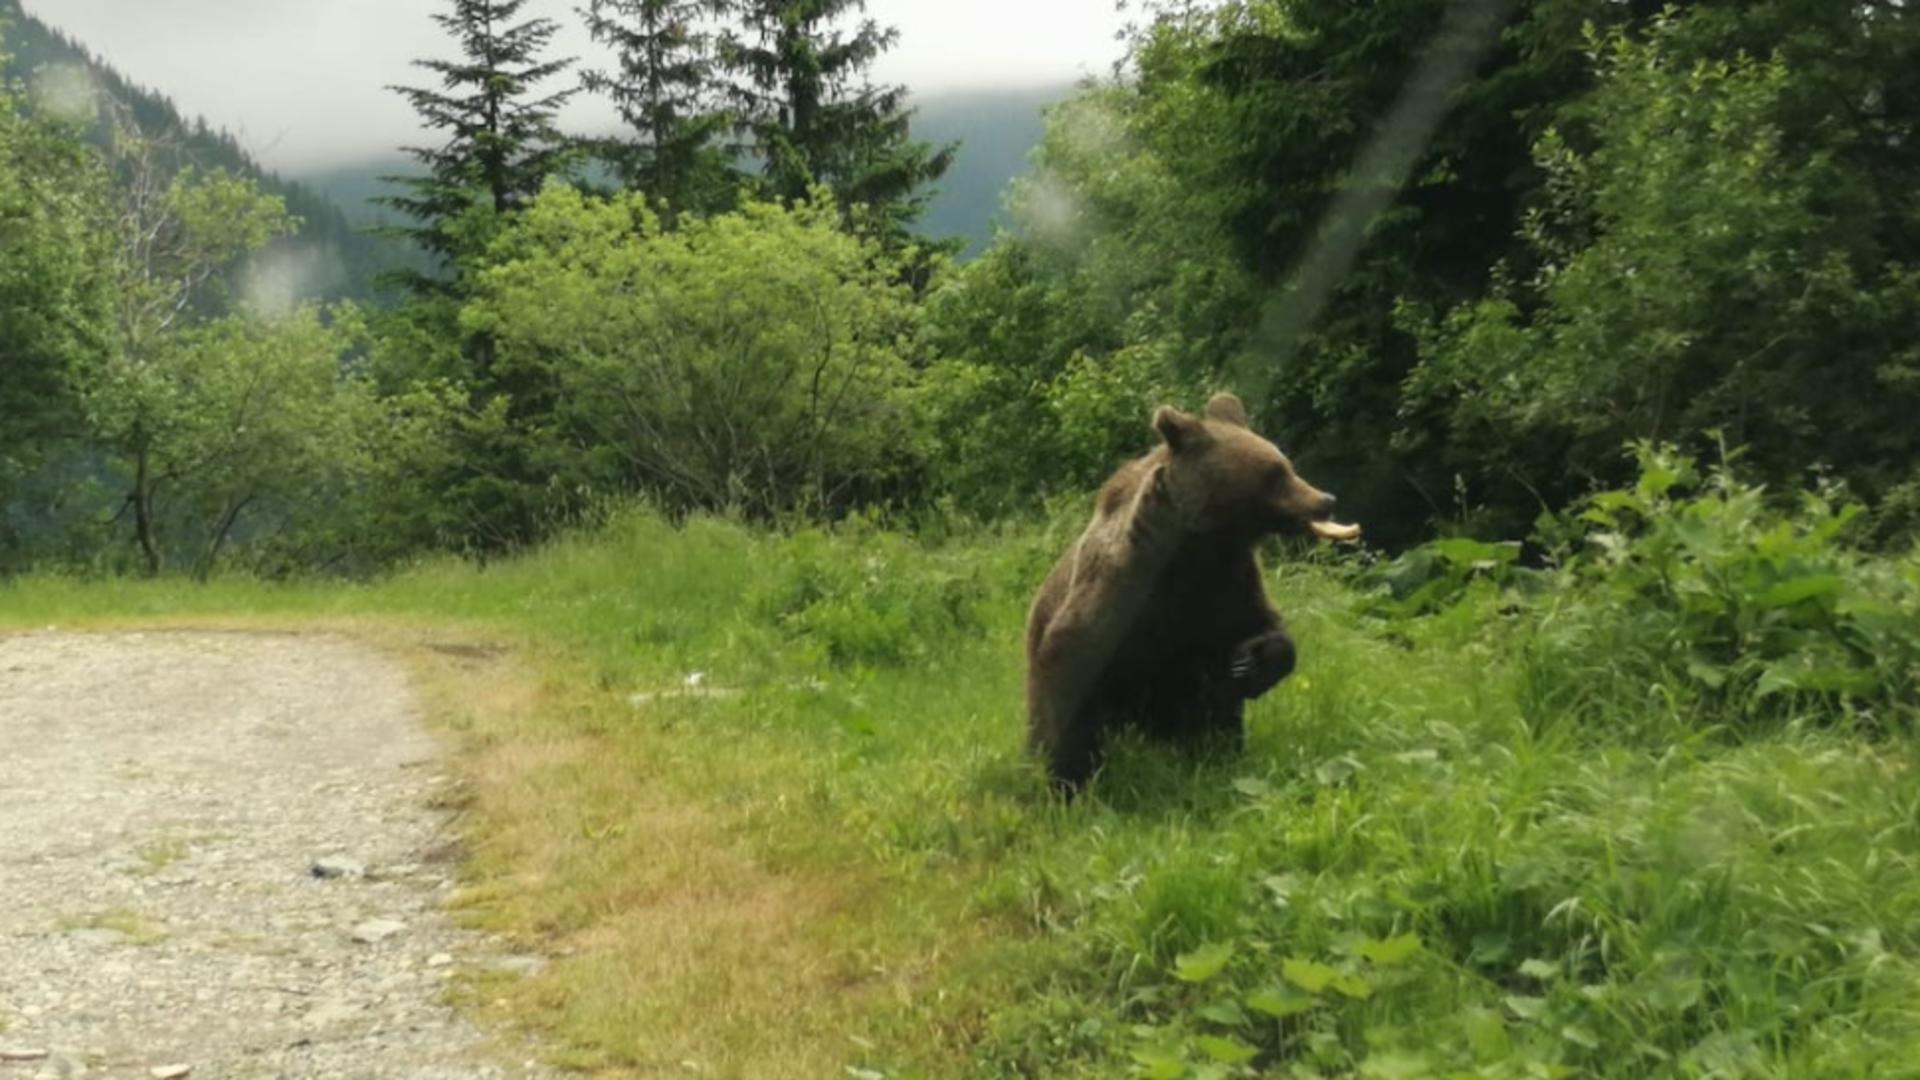 Urs - imagine cu notă sugestivă